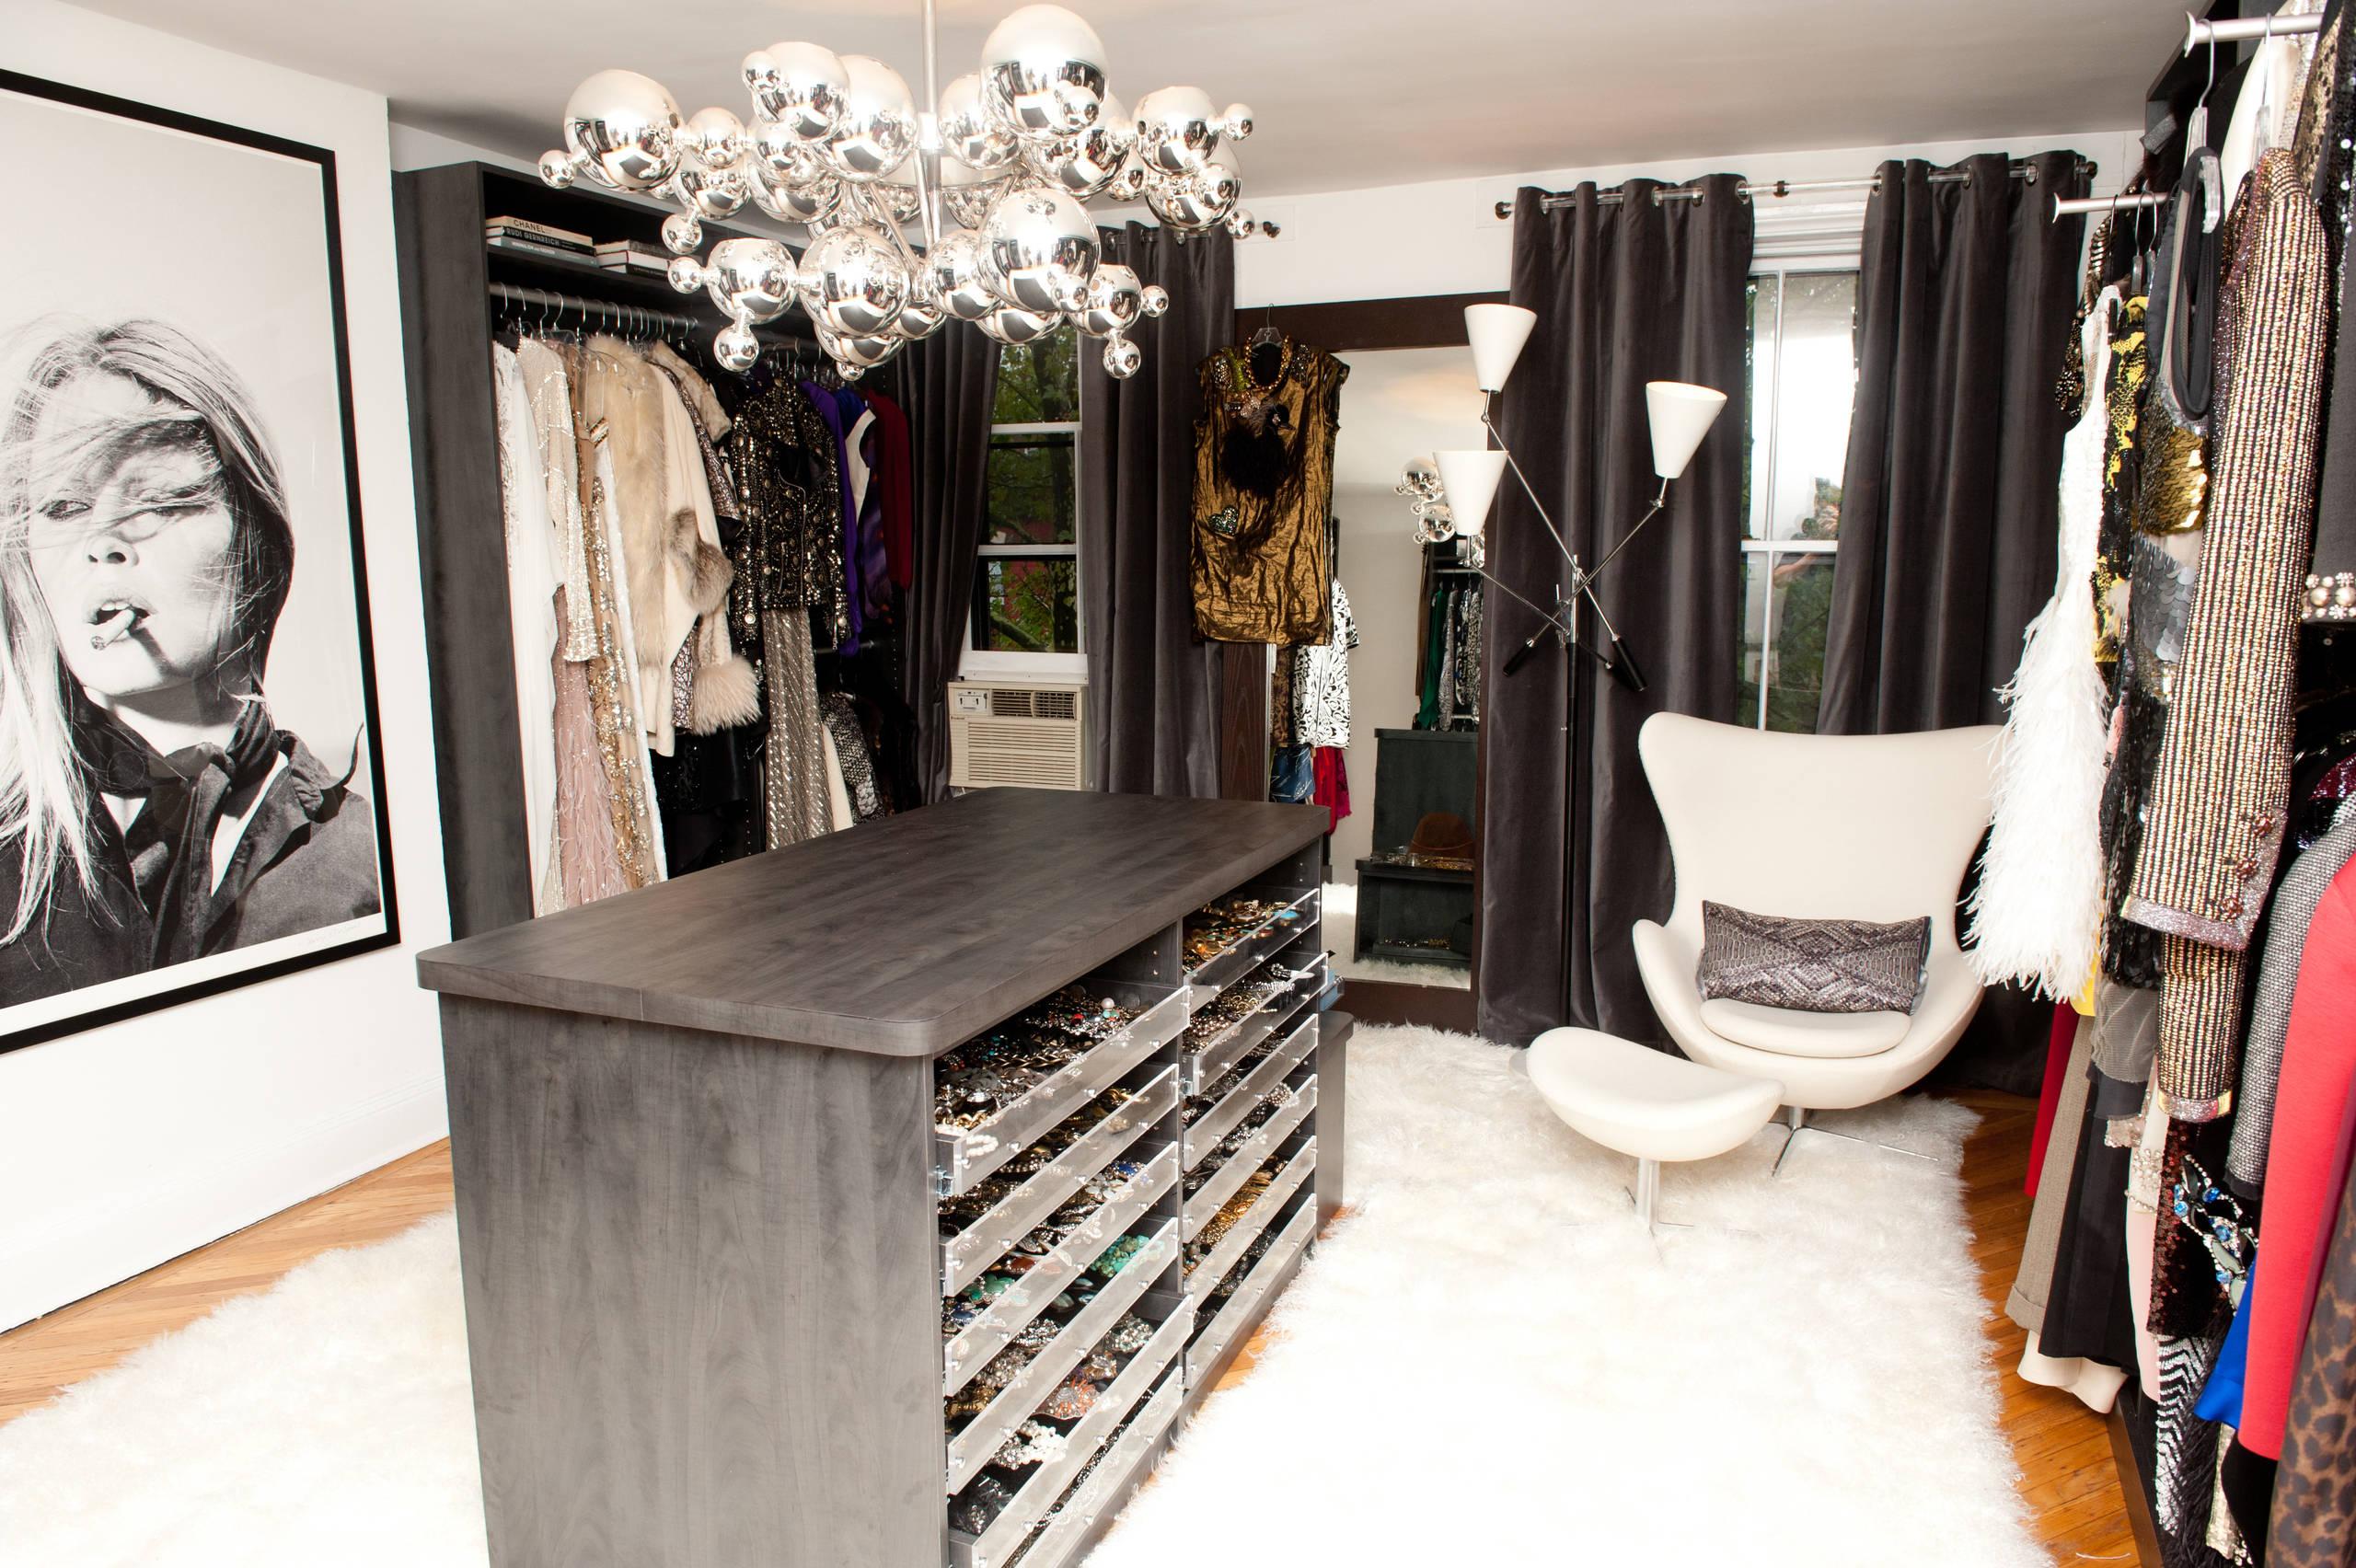 Центральное место в гардеробной выделено шкафу для украшений